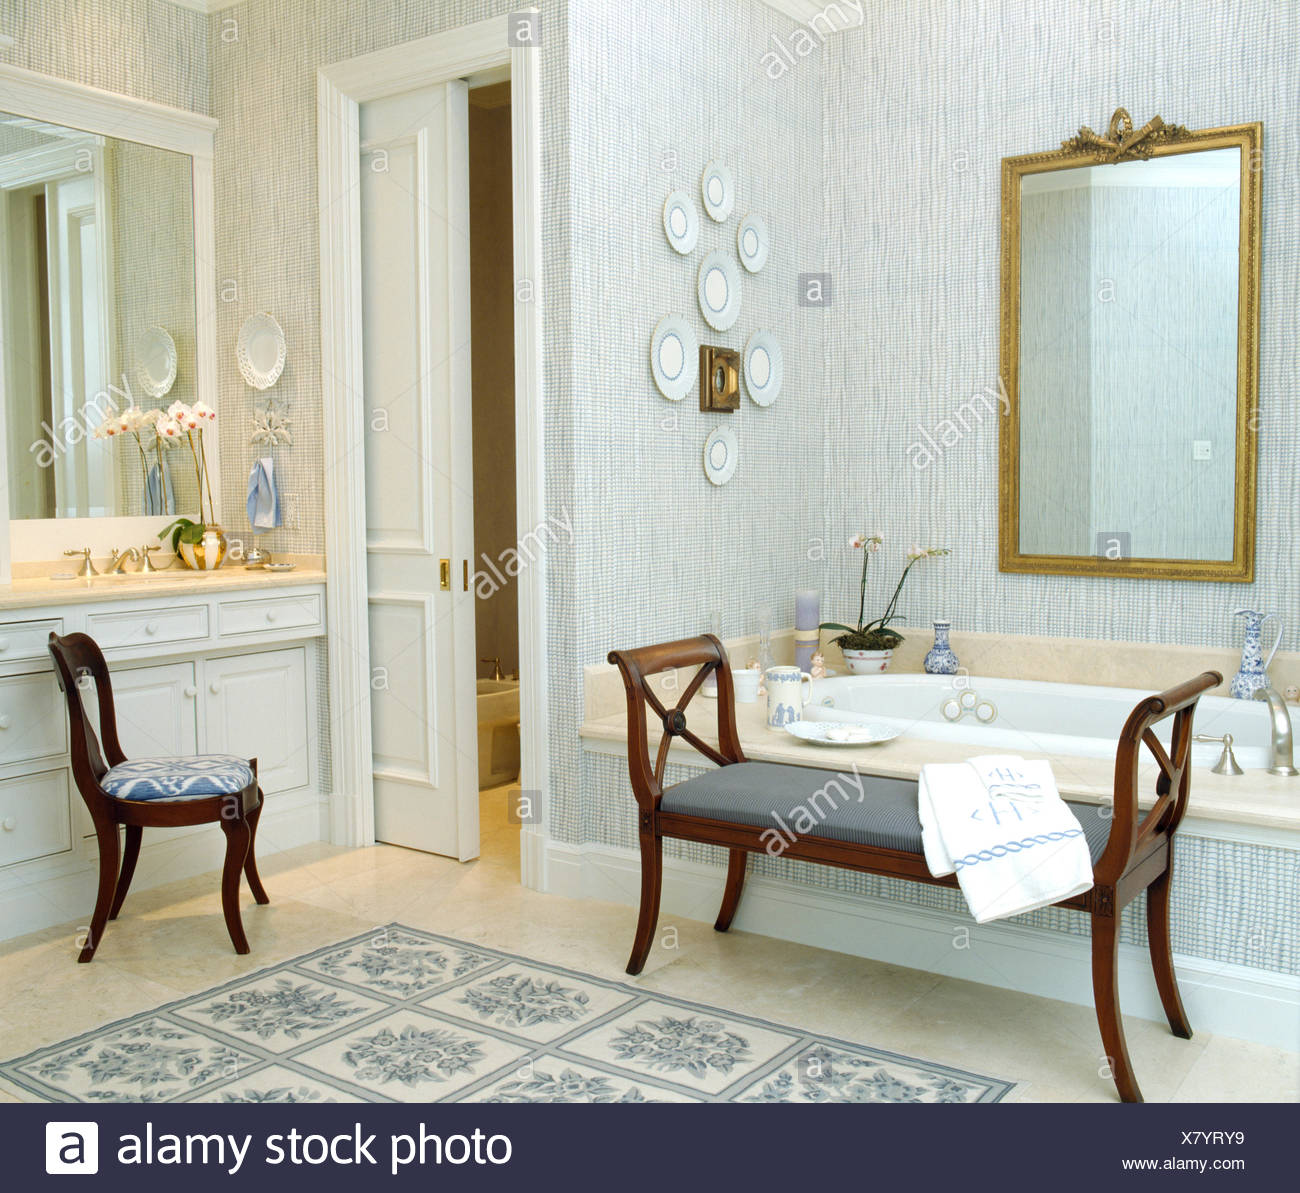 Lo sfondo blu e grande specchio dorato in un tradizionale bagno con ...